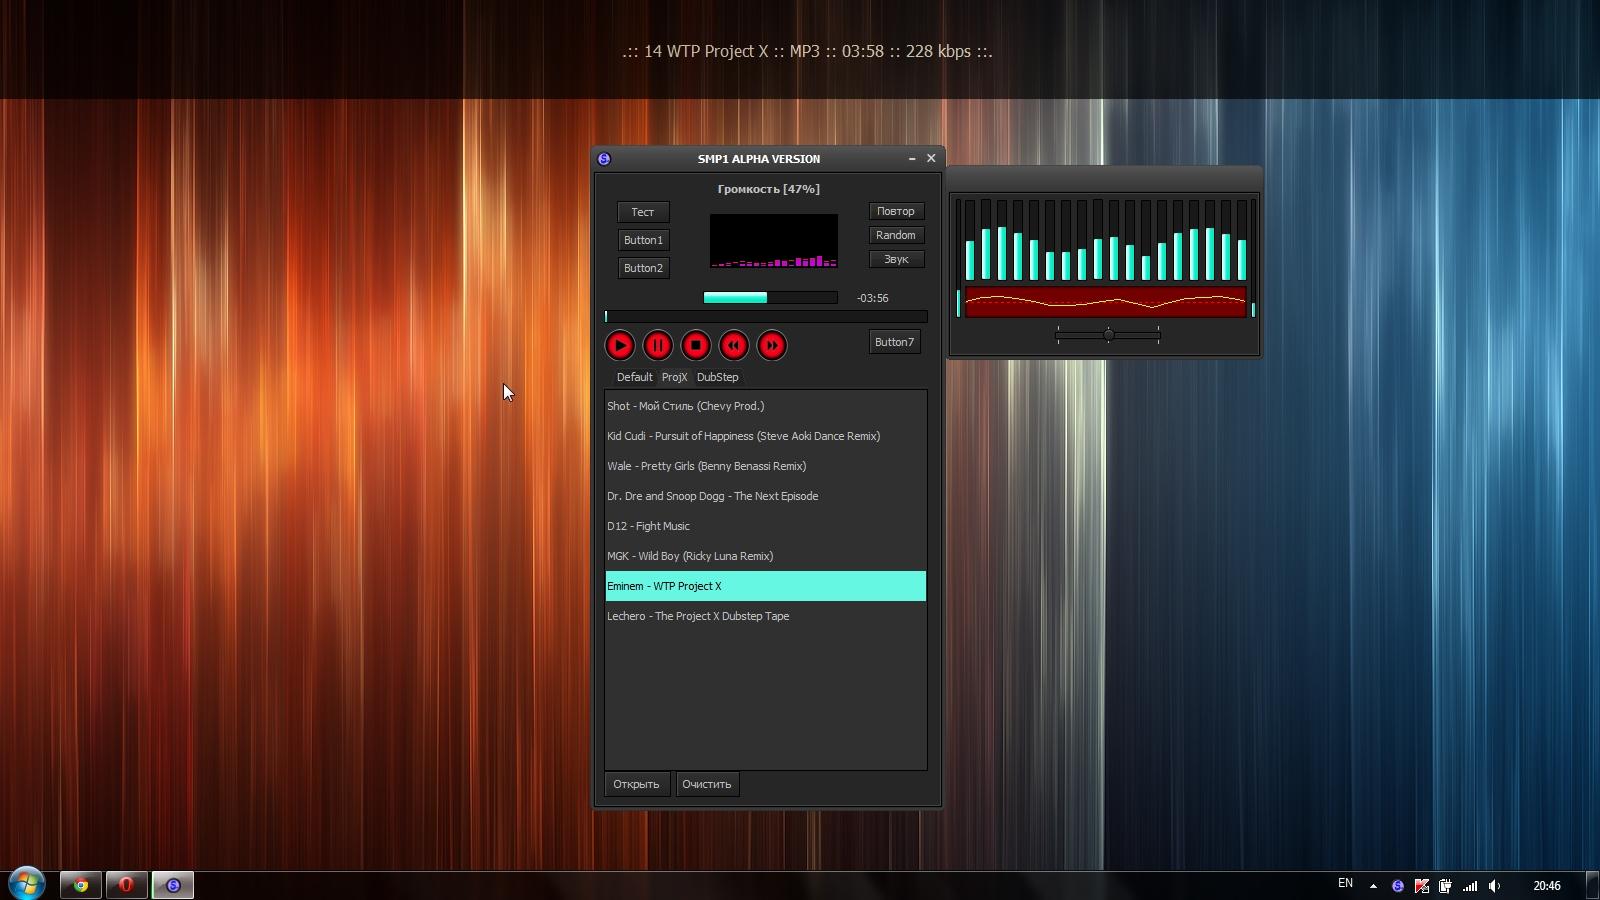 SMP1 [1.0.370 (Alpha Version)] скачать бесплатно